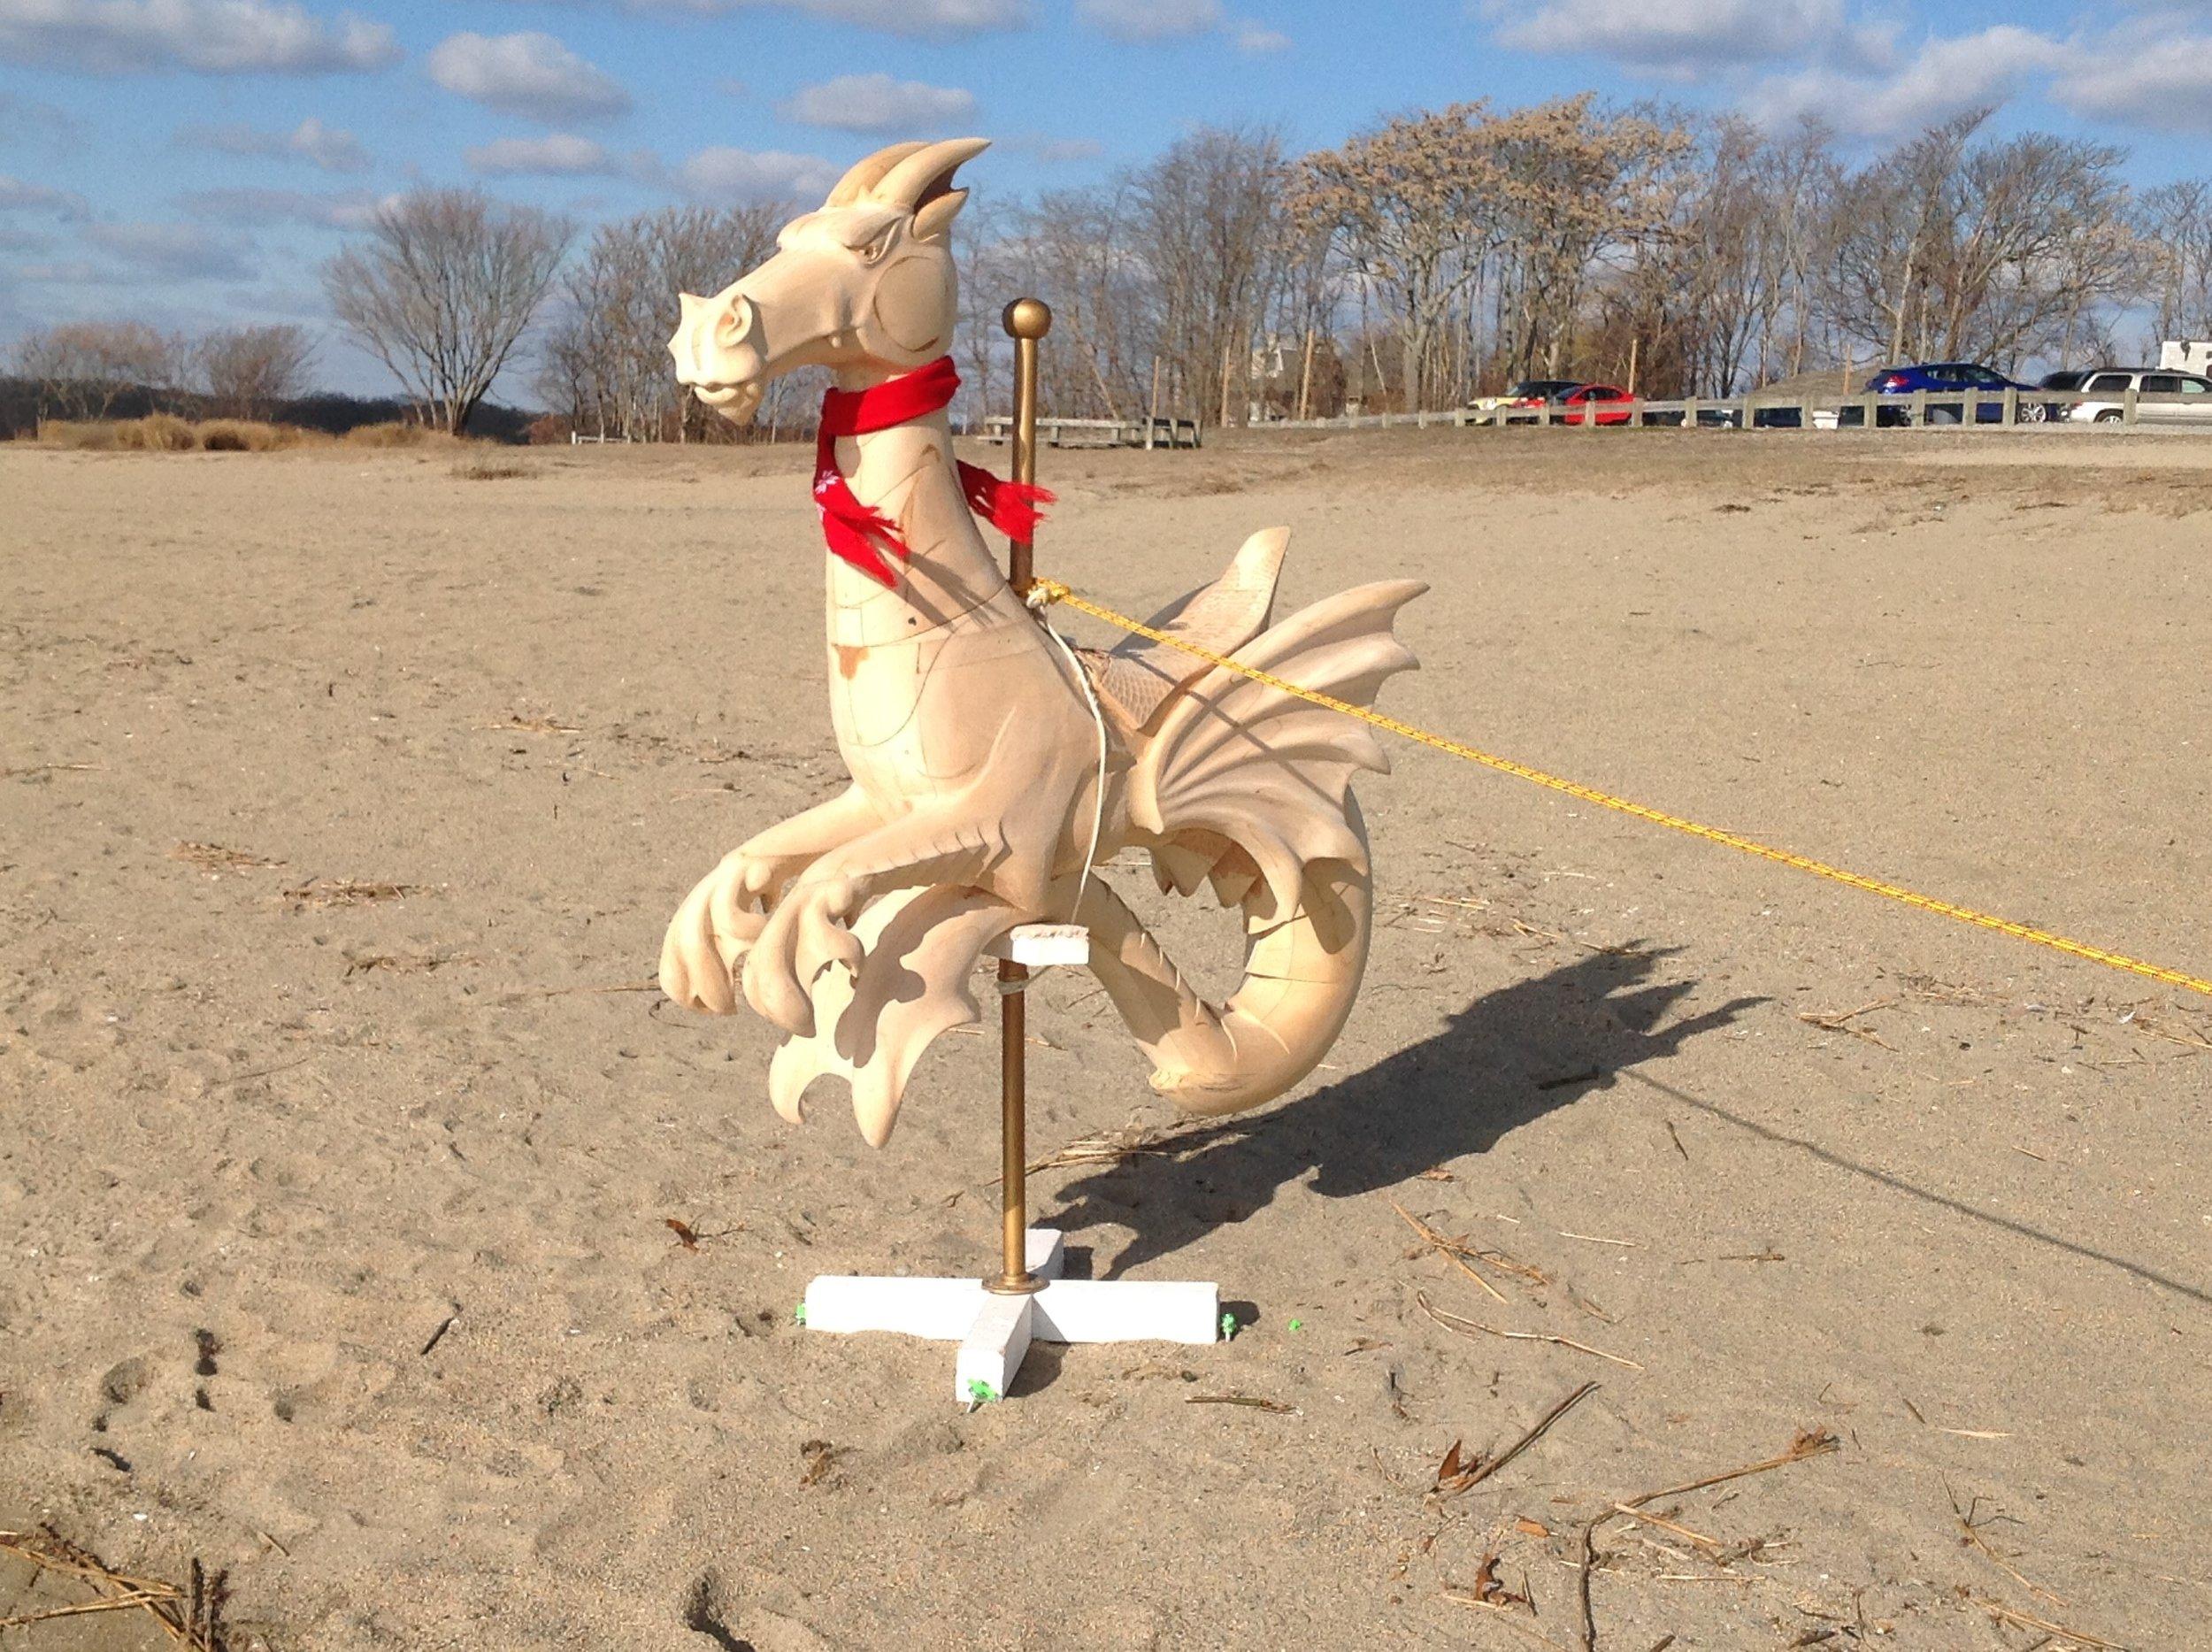 Dragon on the beach.jpg